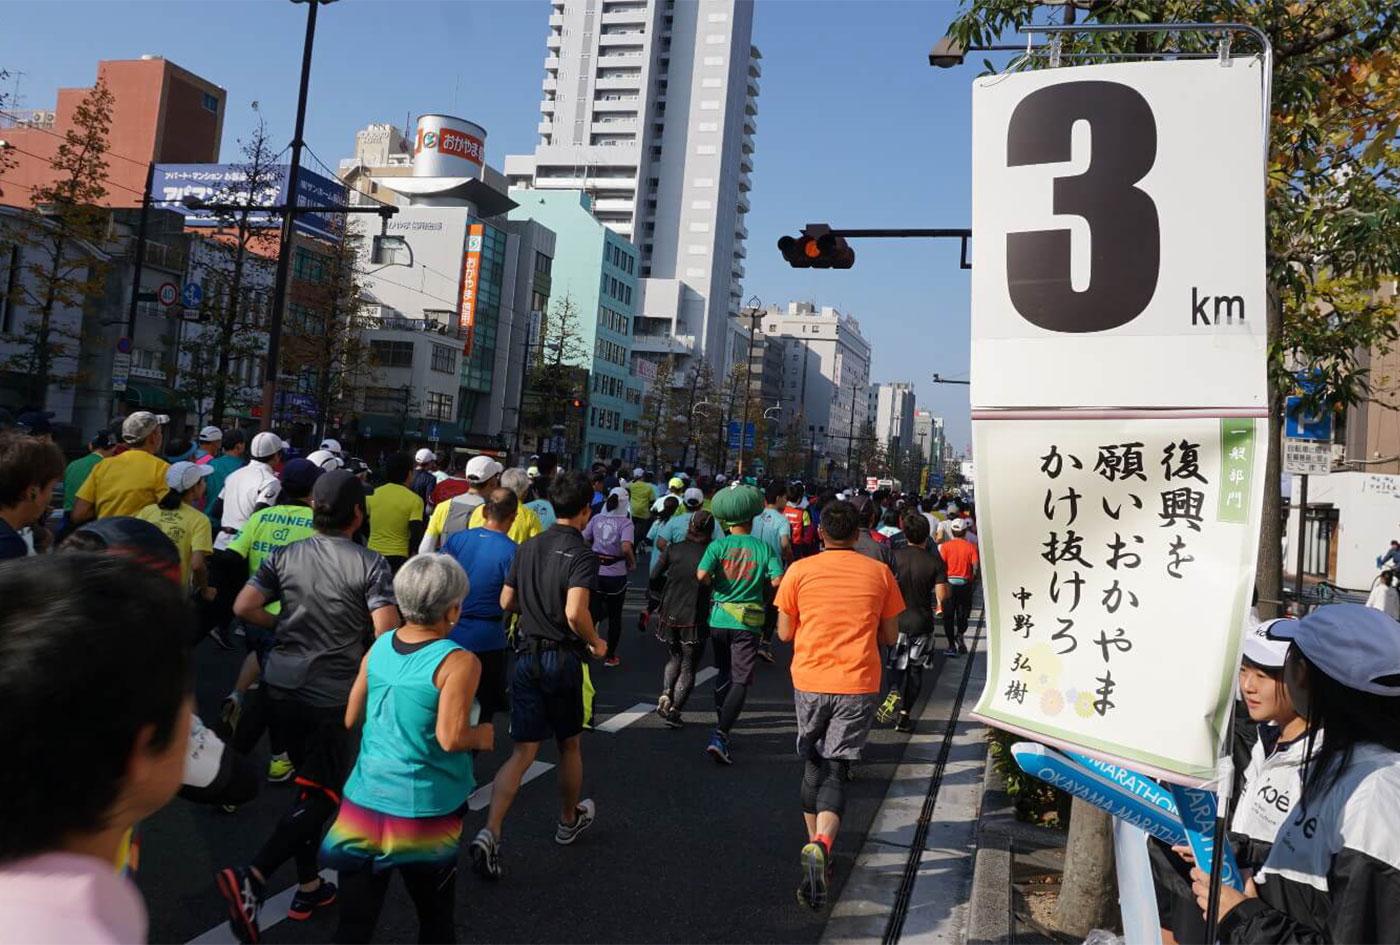 瀬戸内市健康マラソン大会 | 岡山県